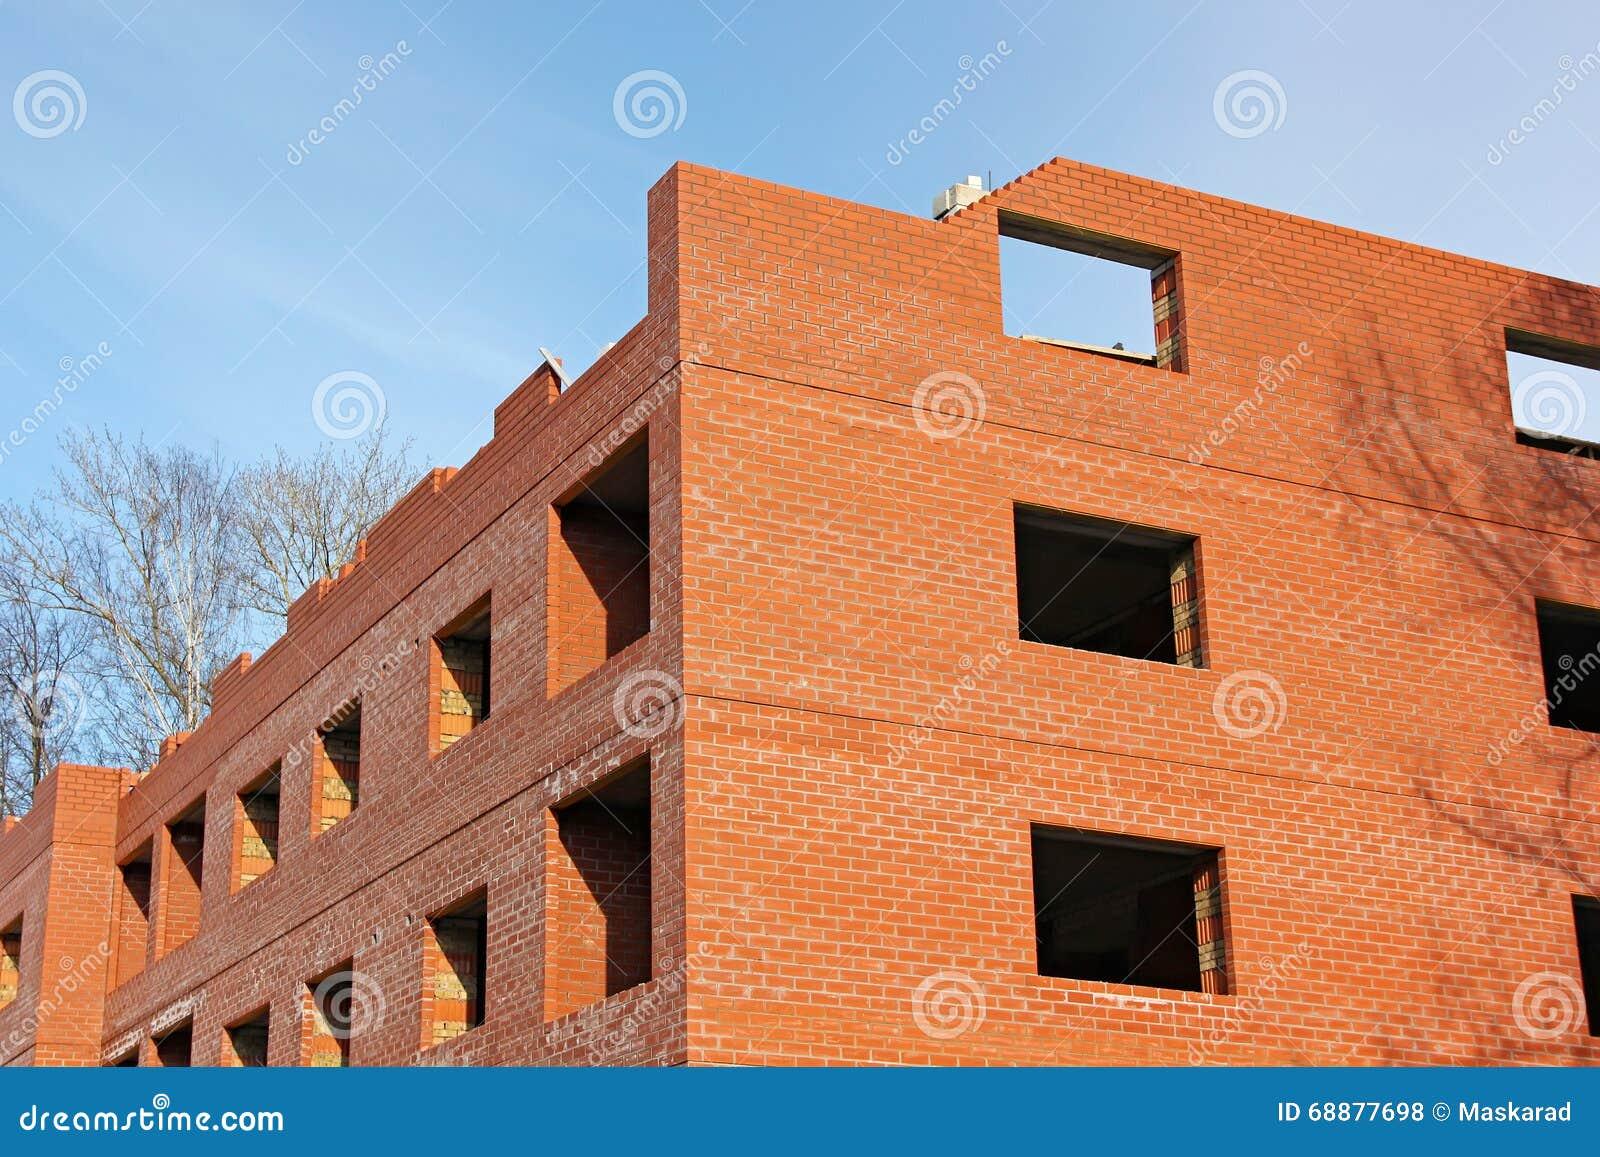 constructeur maison brique rouge ventana blog. Black Bedroom Furniture Sets. Home Design Ideas